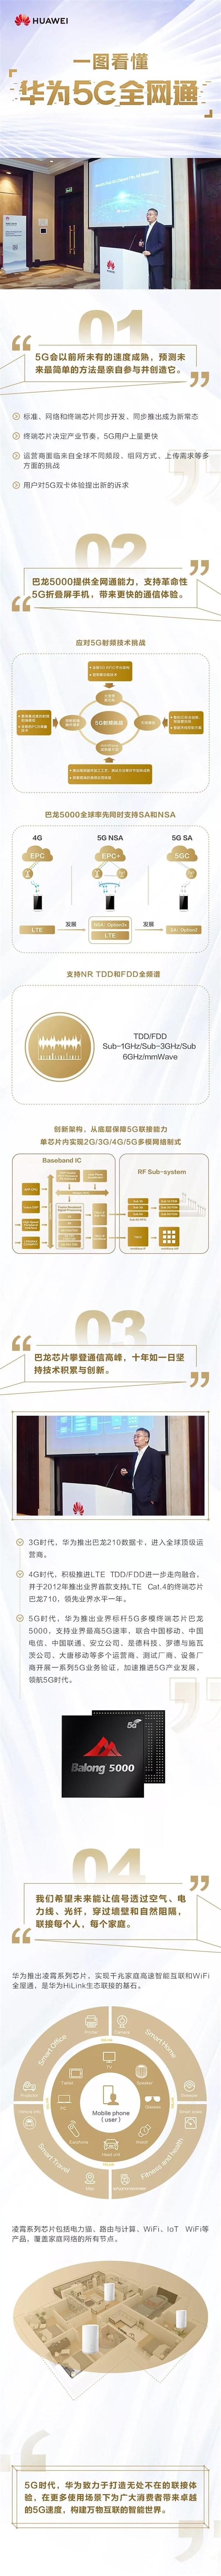 一圖看懂華為5G全網通:巴龍+凌霄雙劍合璧